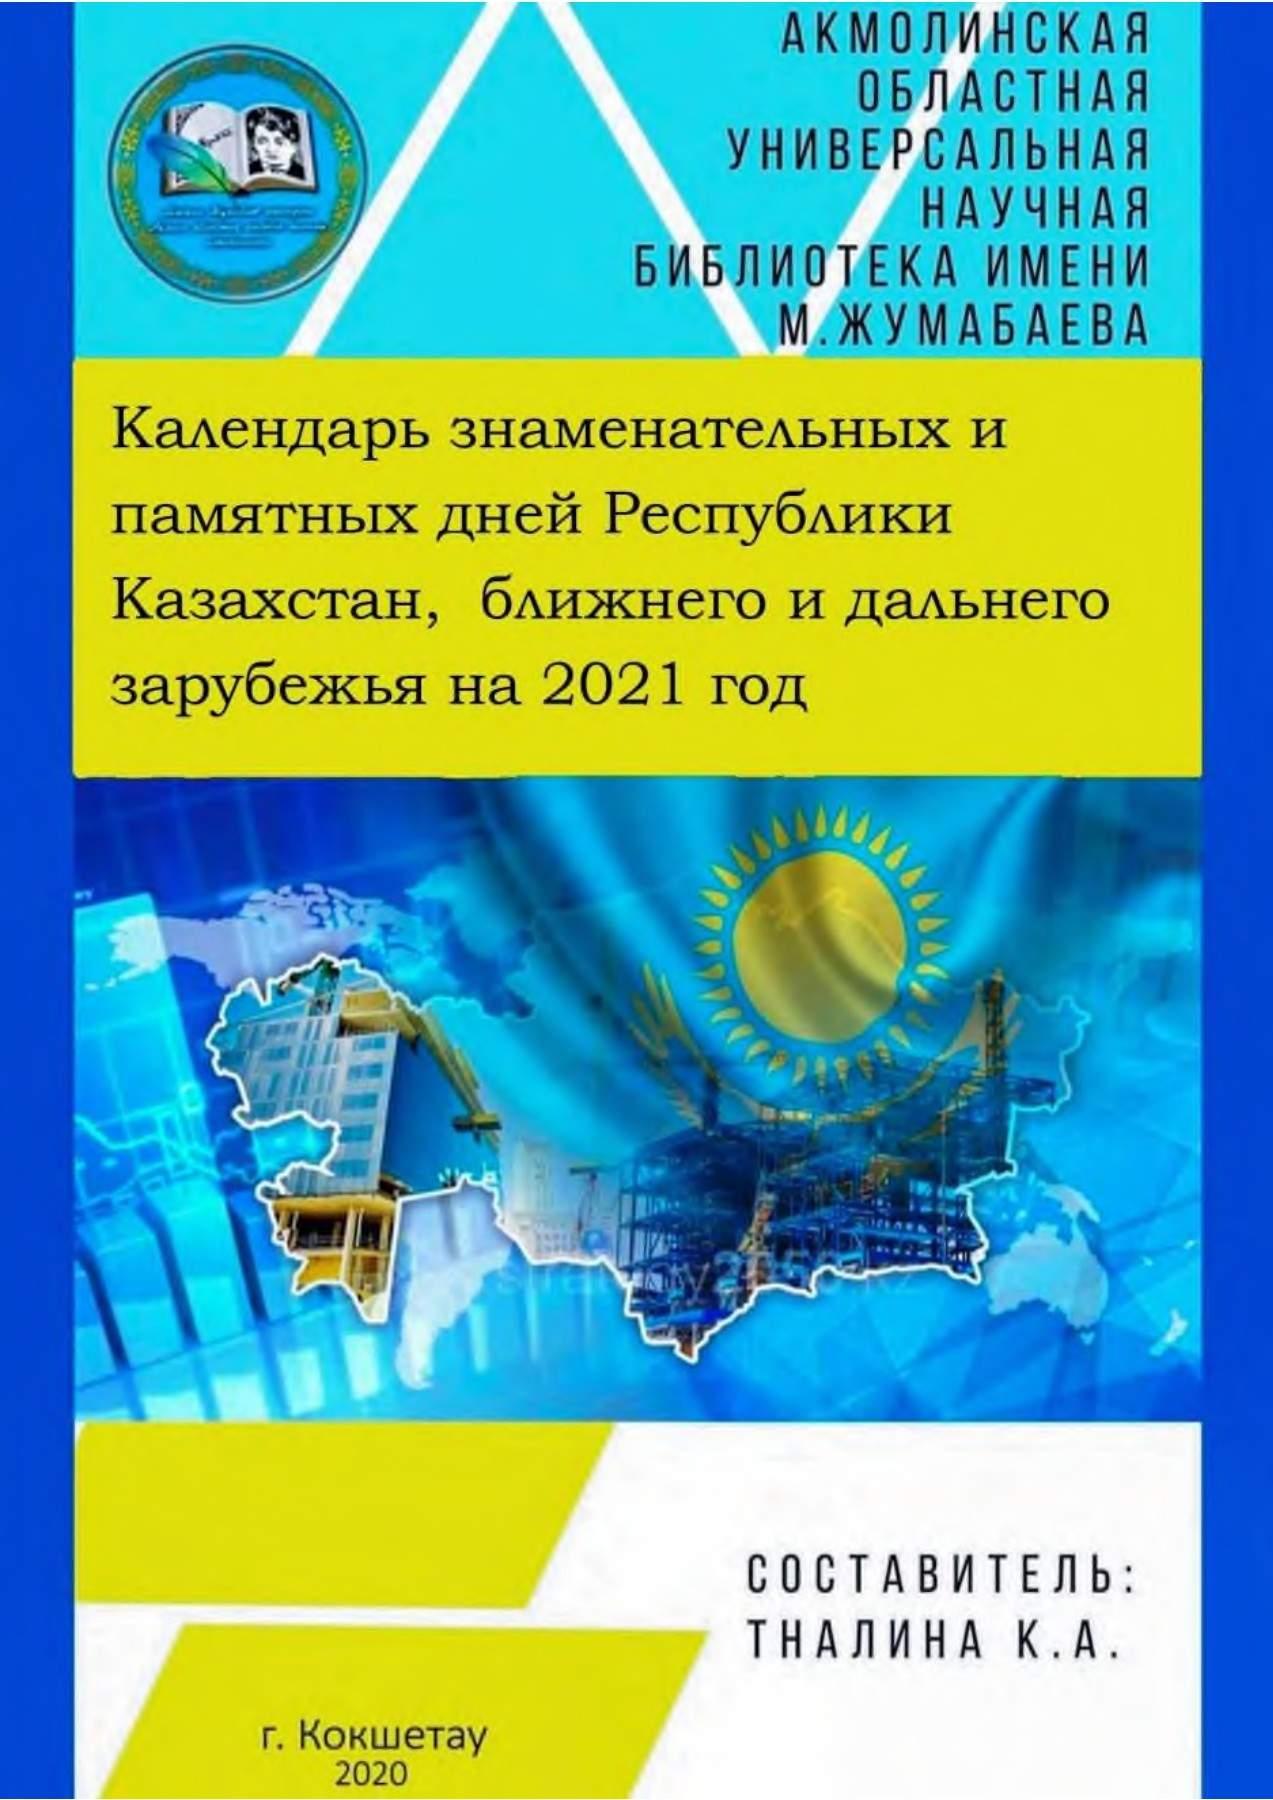 Календарь знаменательных и памятных дат Украины на 2021 год